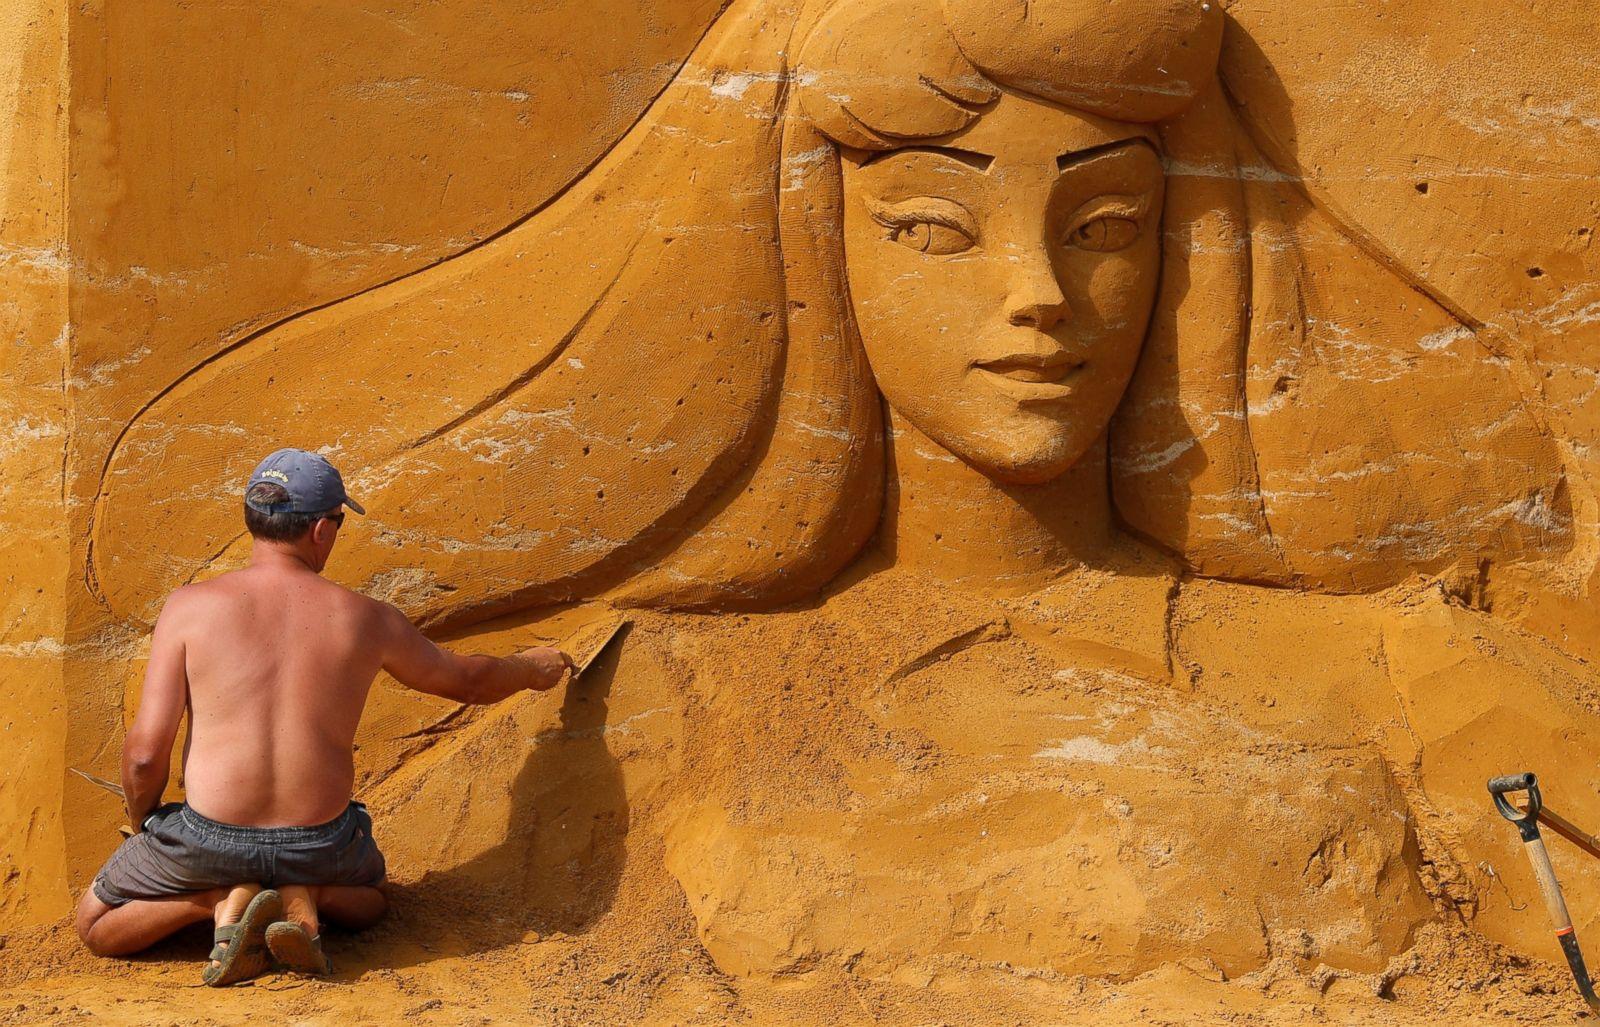 8 тонн піску для свята: вінничан із дітьми кличуть на Фестиваль піщаних скульптур